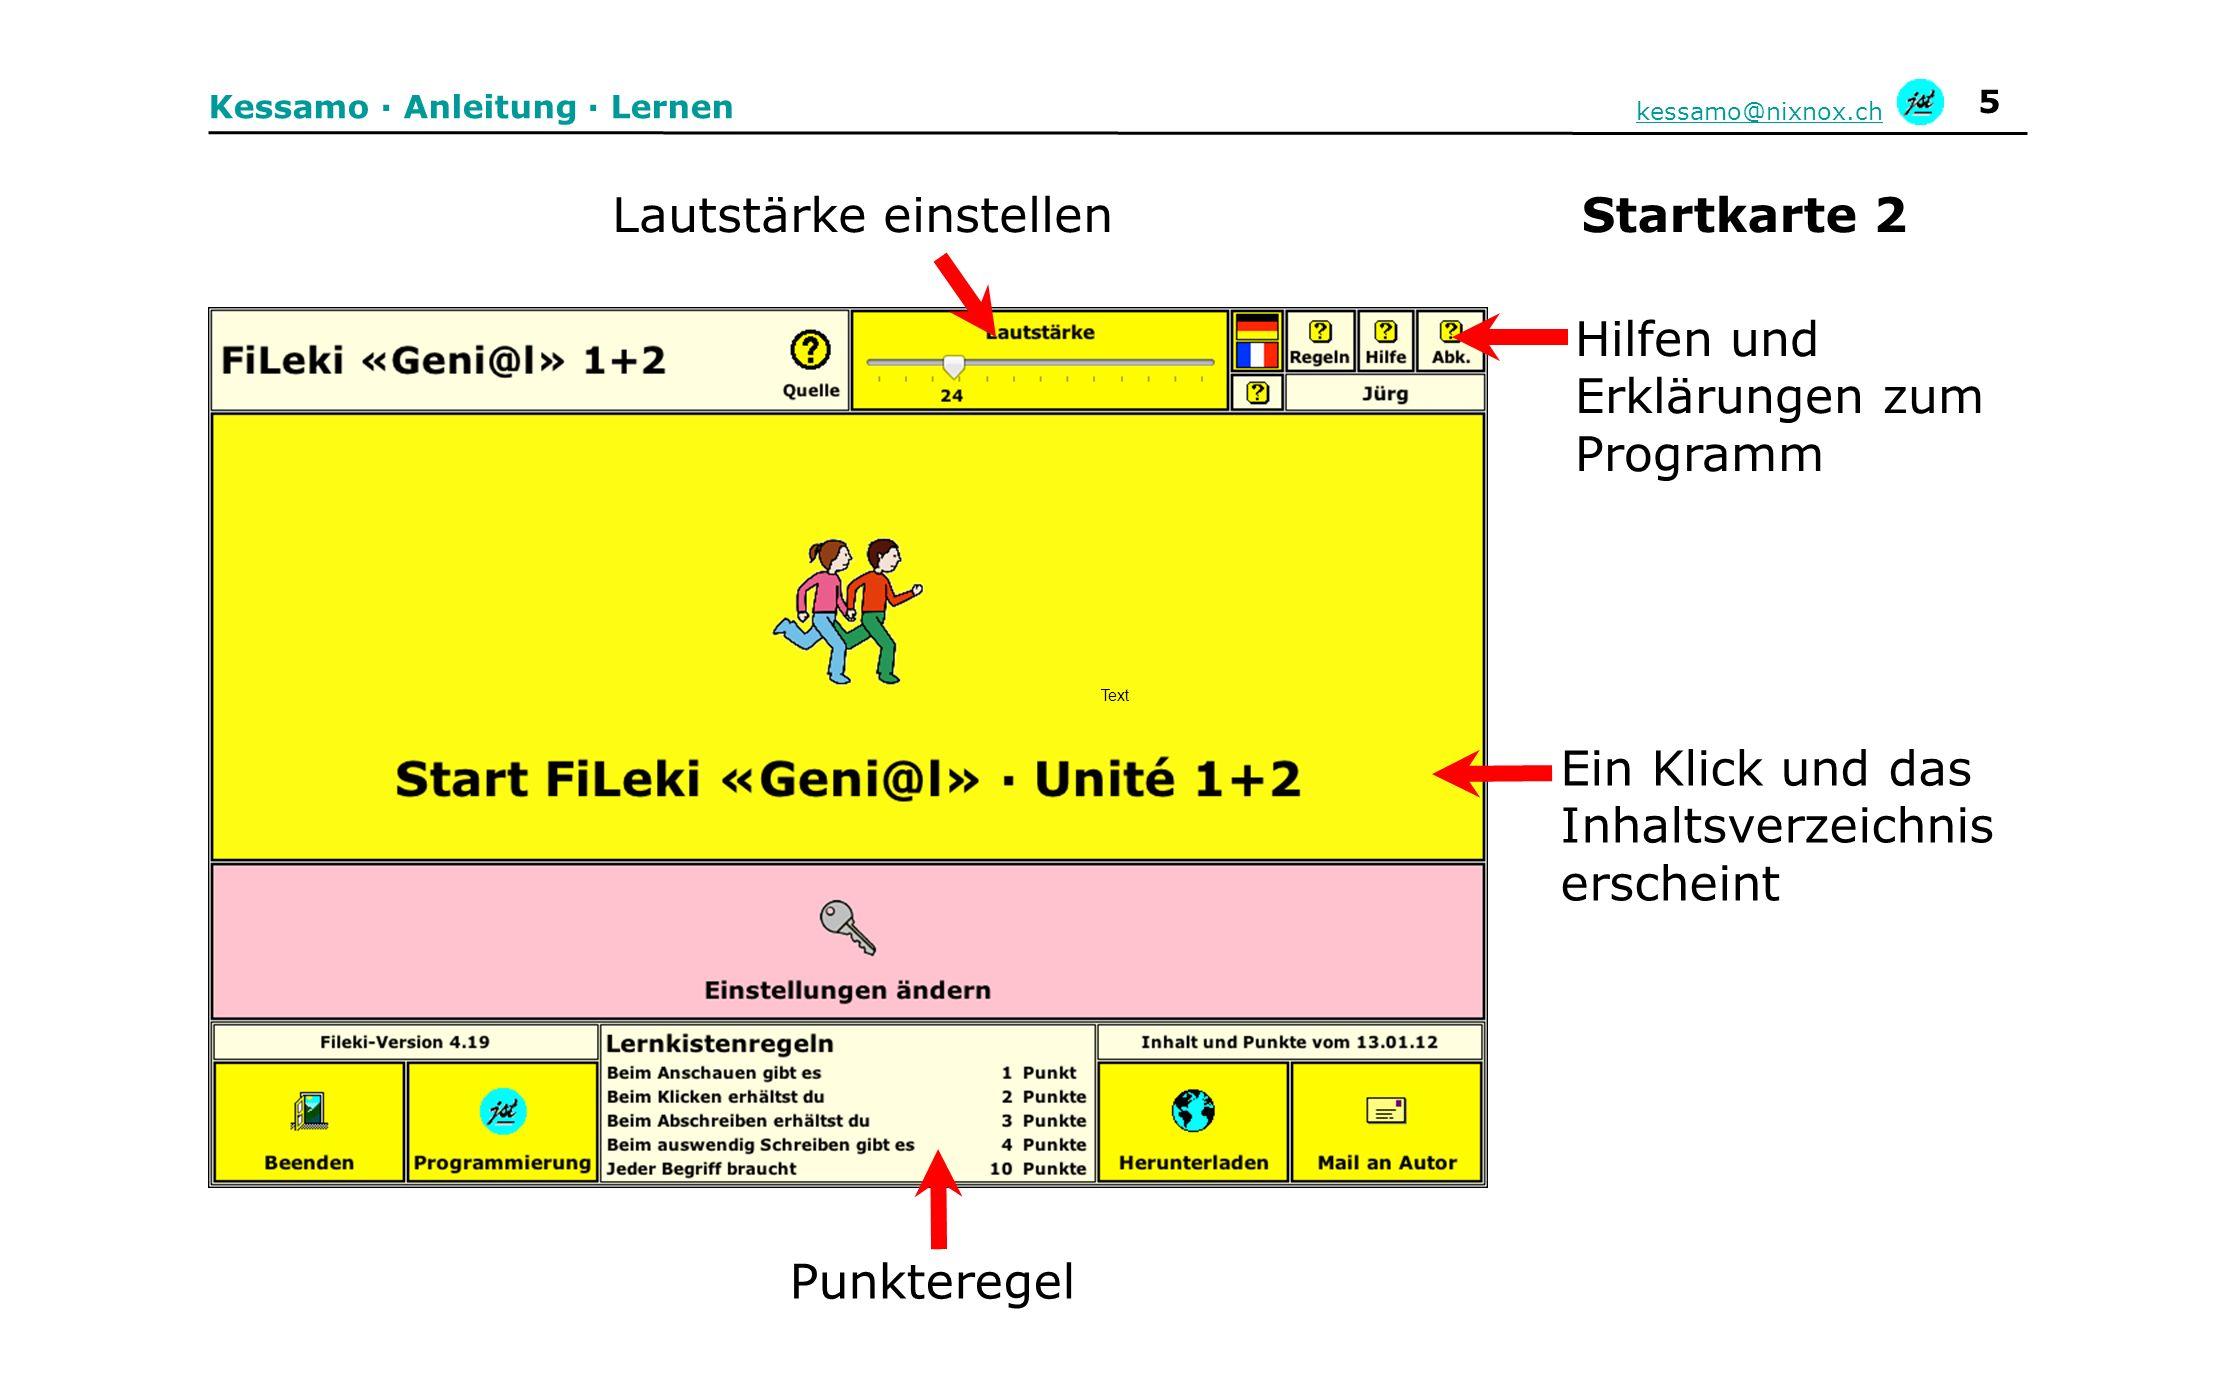 6 Kessamo · Anleitung · Lernen kessamo@nixnox.ch Sich den Punktestand einer Übung zeigen lassen.